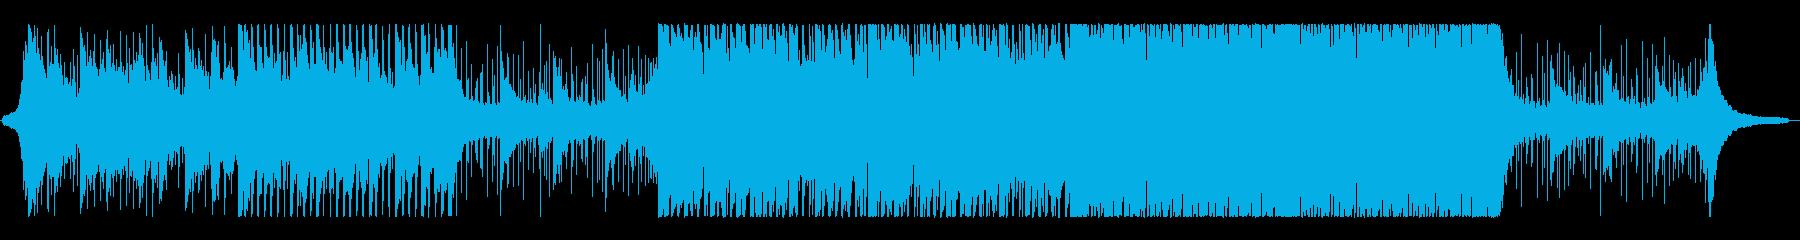 クリーン前向き、希望に満ちたポップロックの再生済みの波形